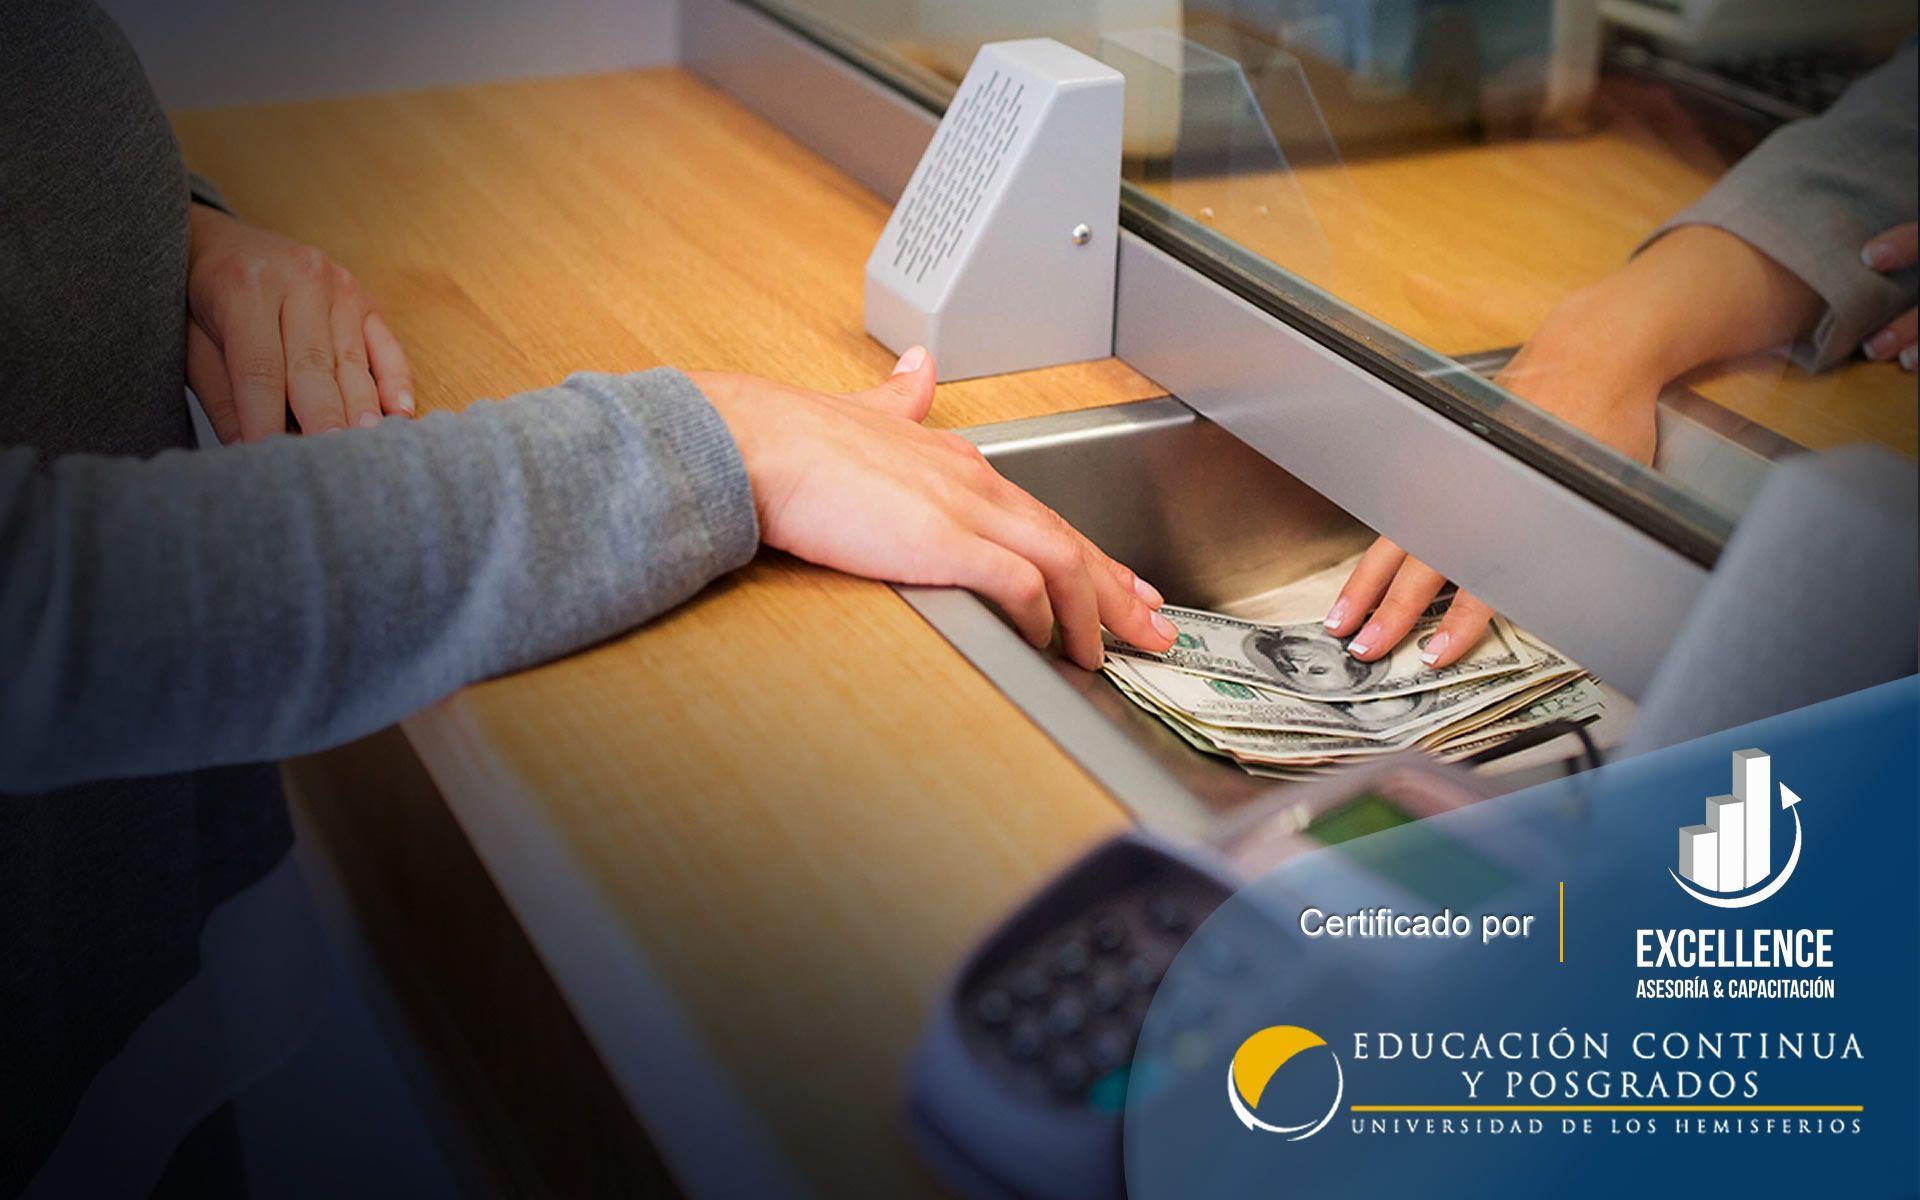 Curso Gestión en Servicios Bancarios & Financieros Mención Cajero Bancario